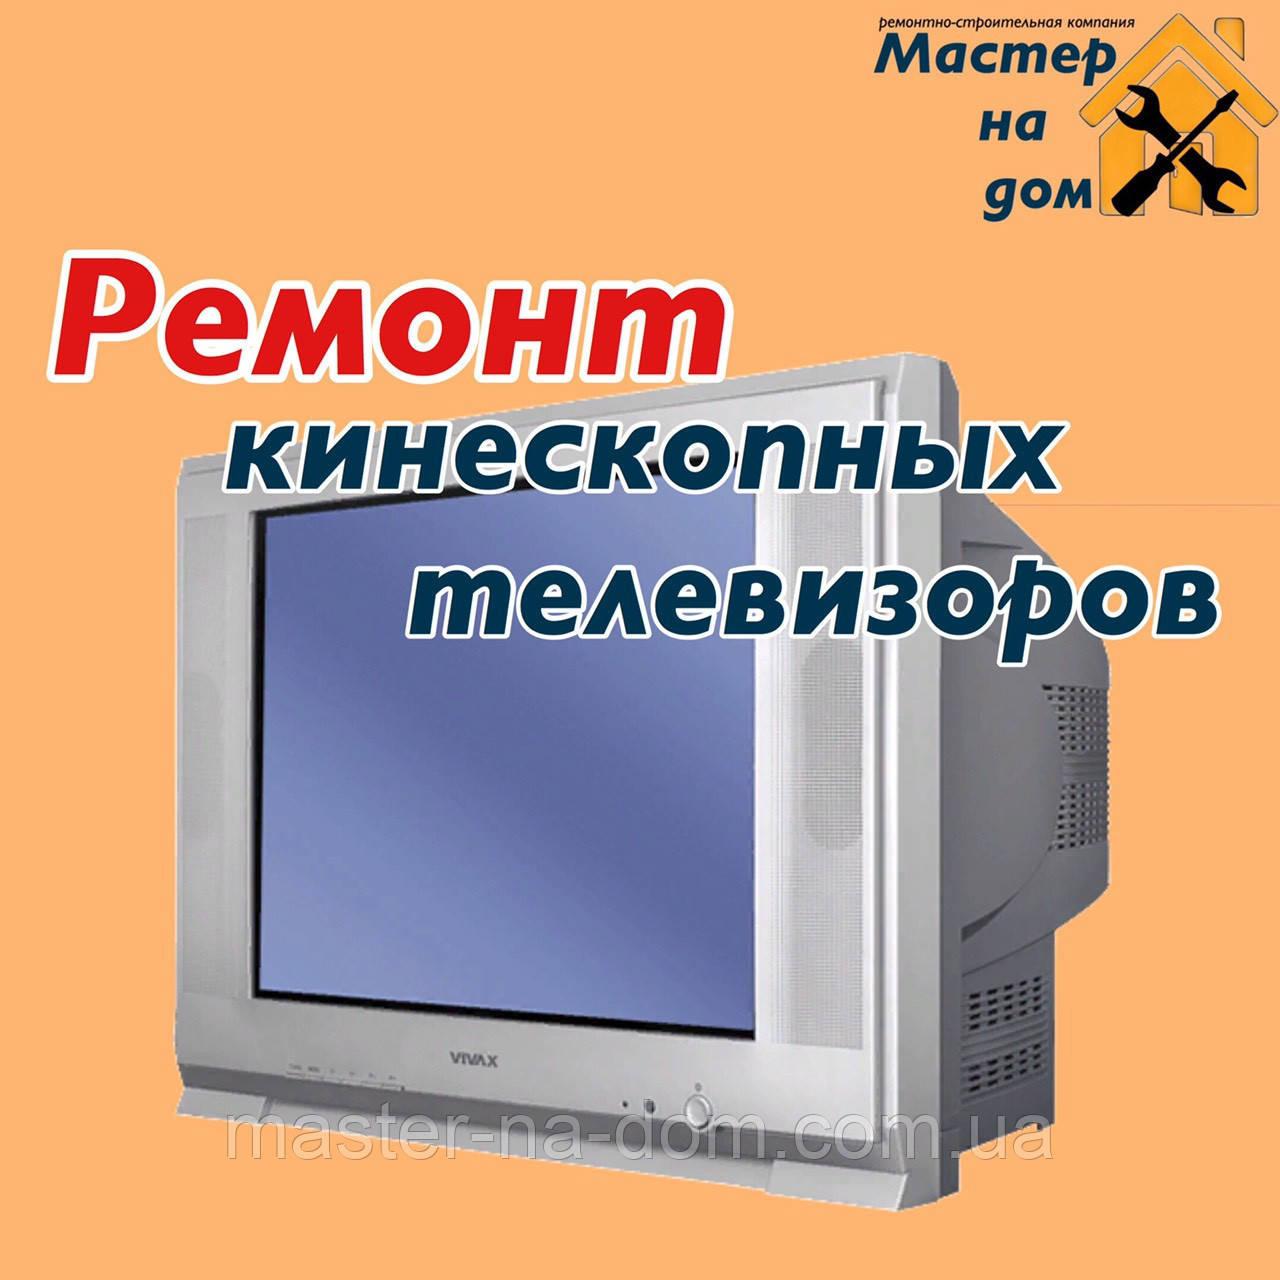 Ремонт кинескопных телевизоров на дому во Львове